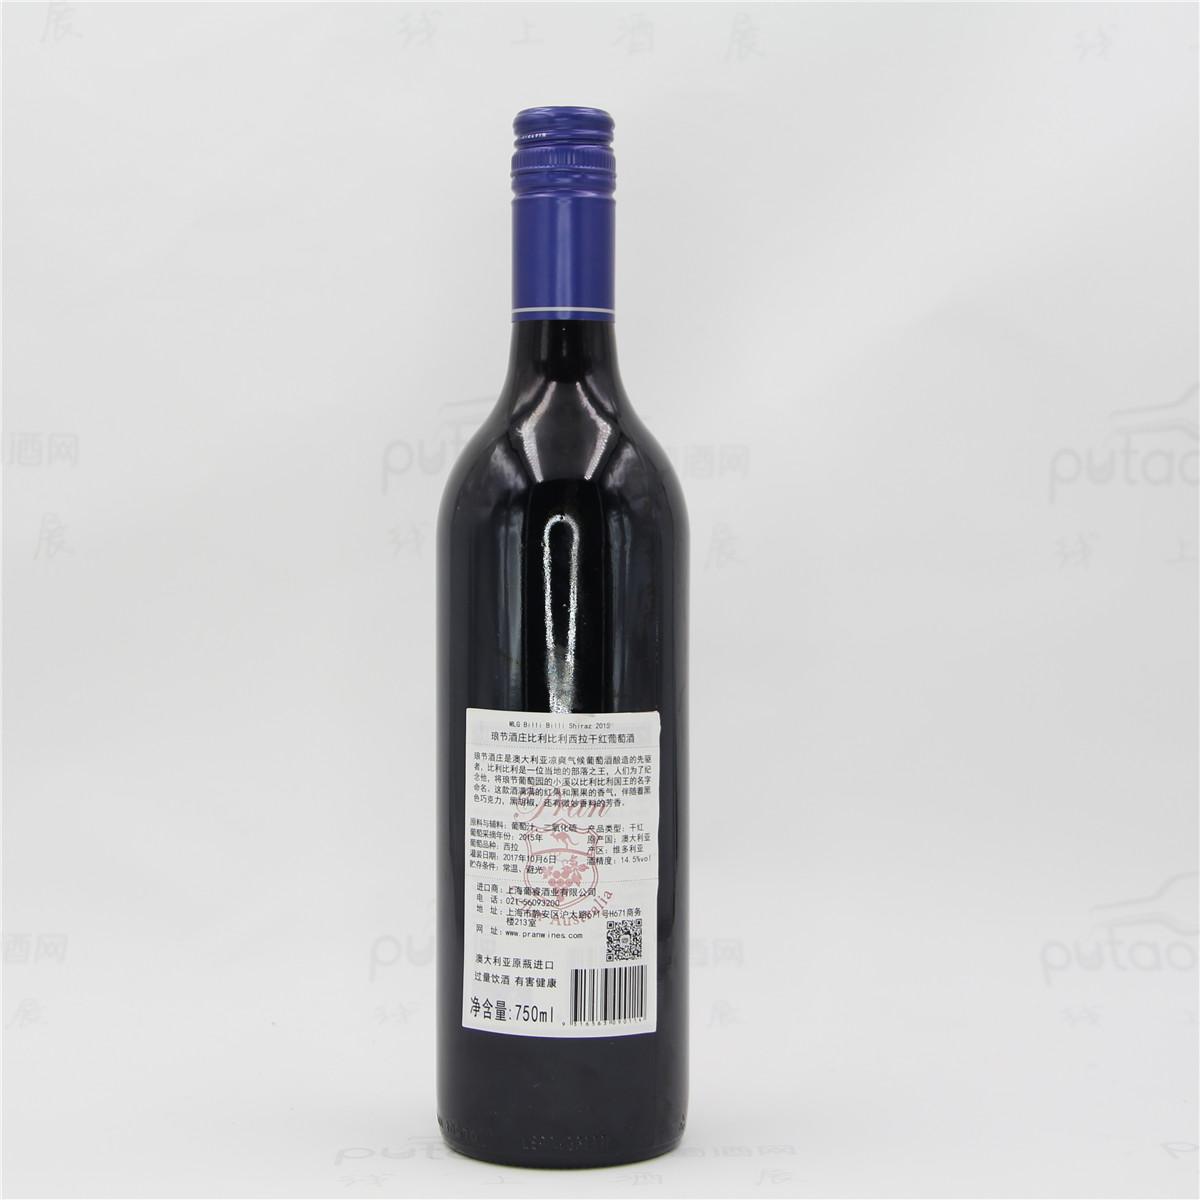 朗节酒庄比利比利西拉红葡萄酒 2015